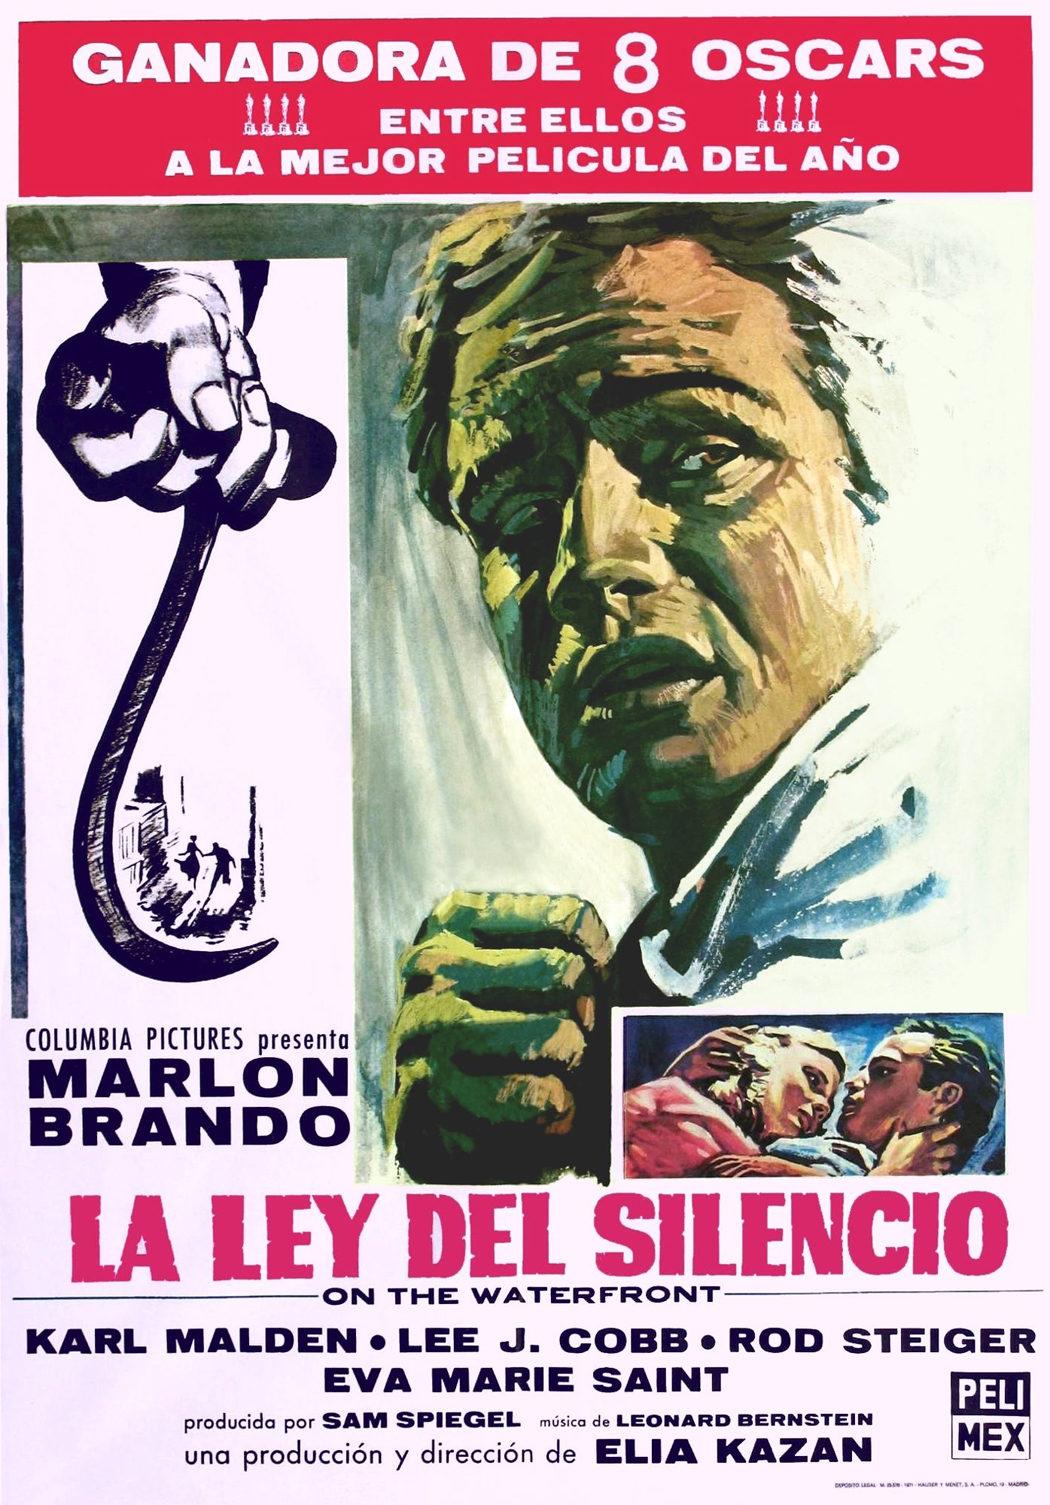 'La ley del silencio' (1954)